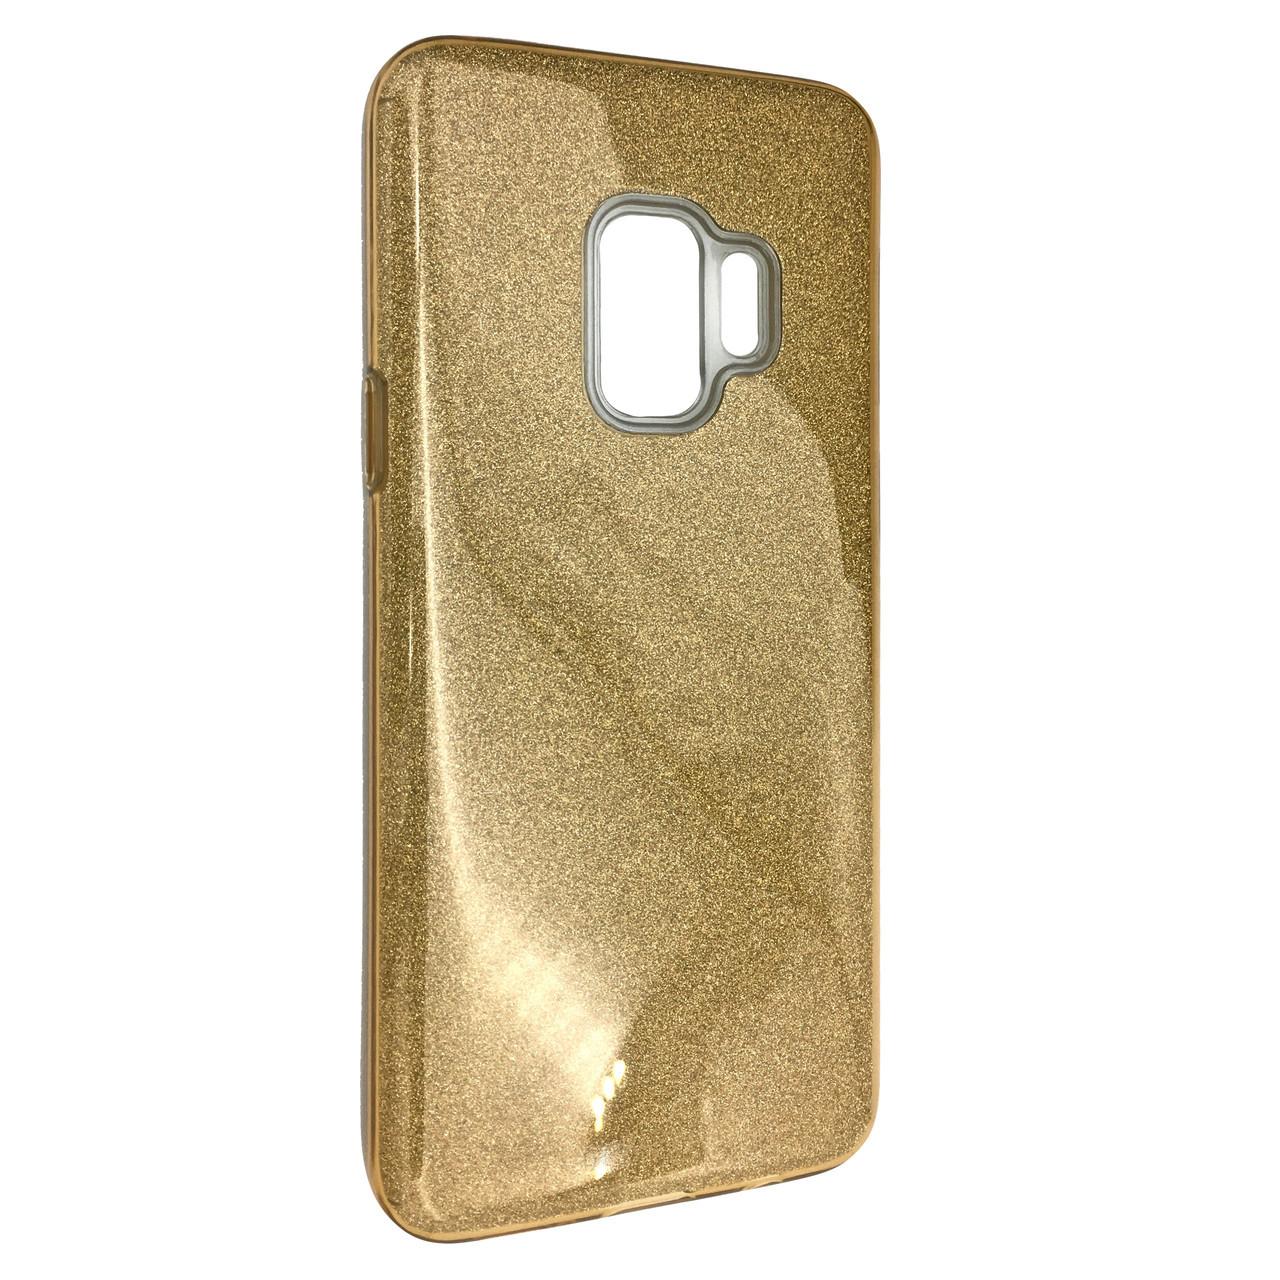 Чехол Silicone Glitter Heaven Rain Samsung S9 Plus (gold)